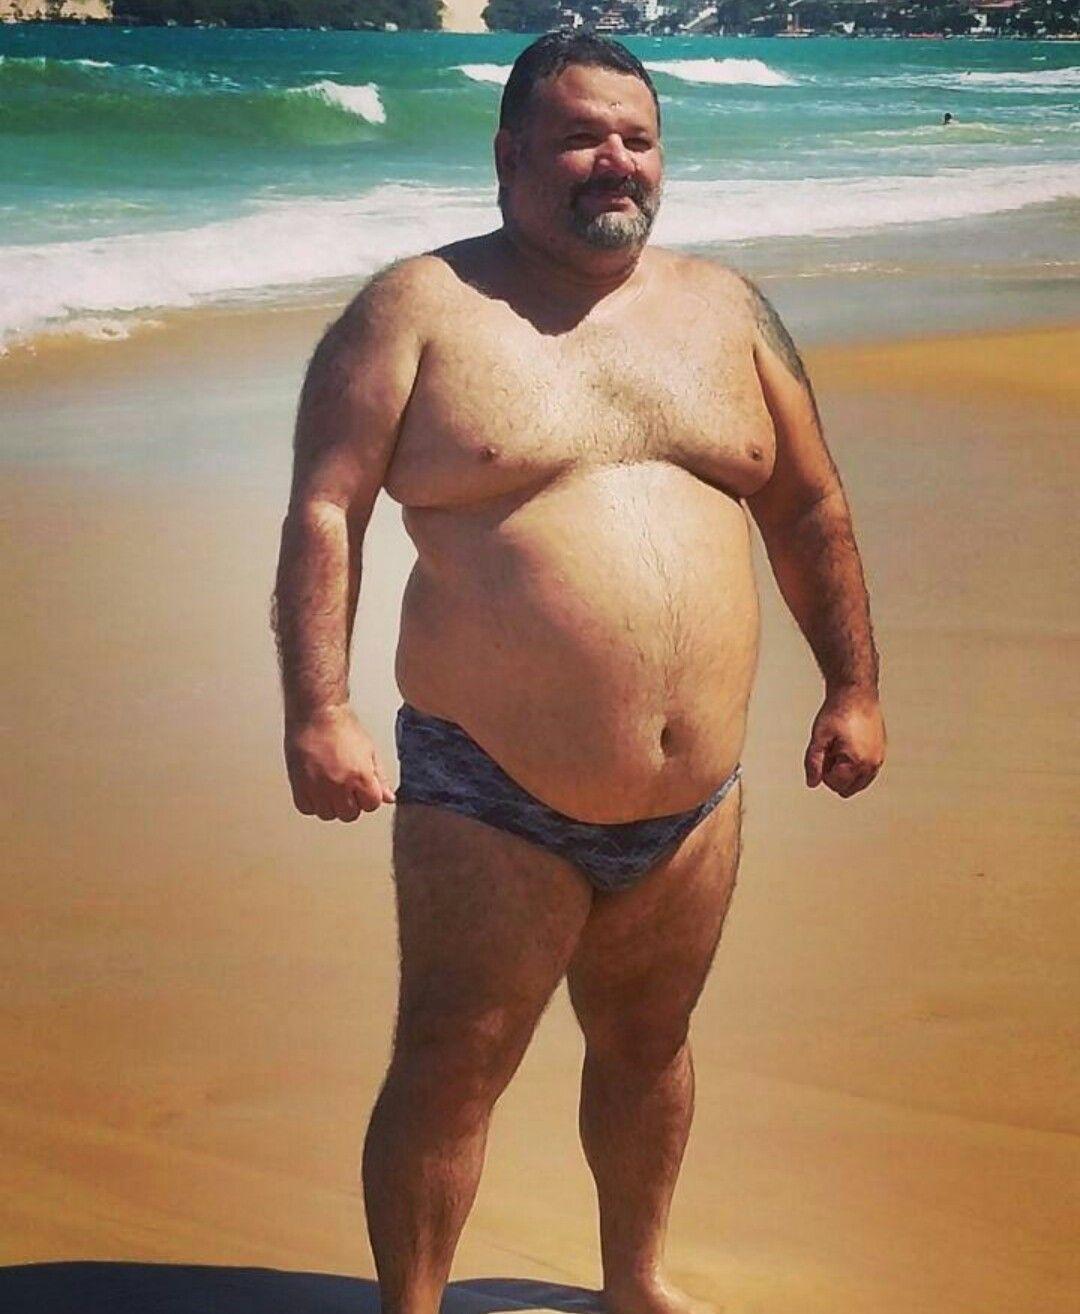 Swimsuit Sari Lennick nude (85 foto) Erotica, Instagram, see through